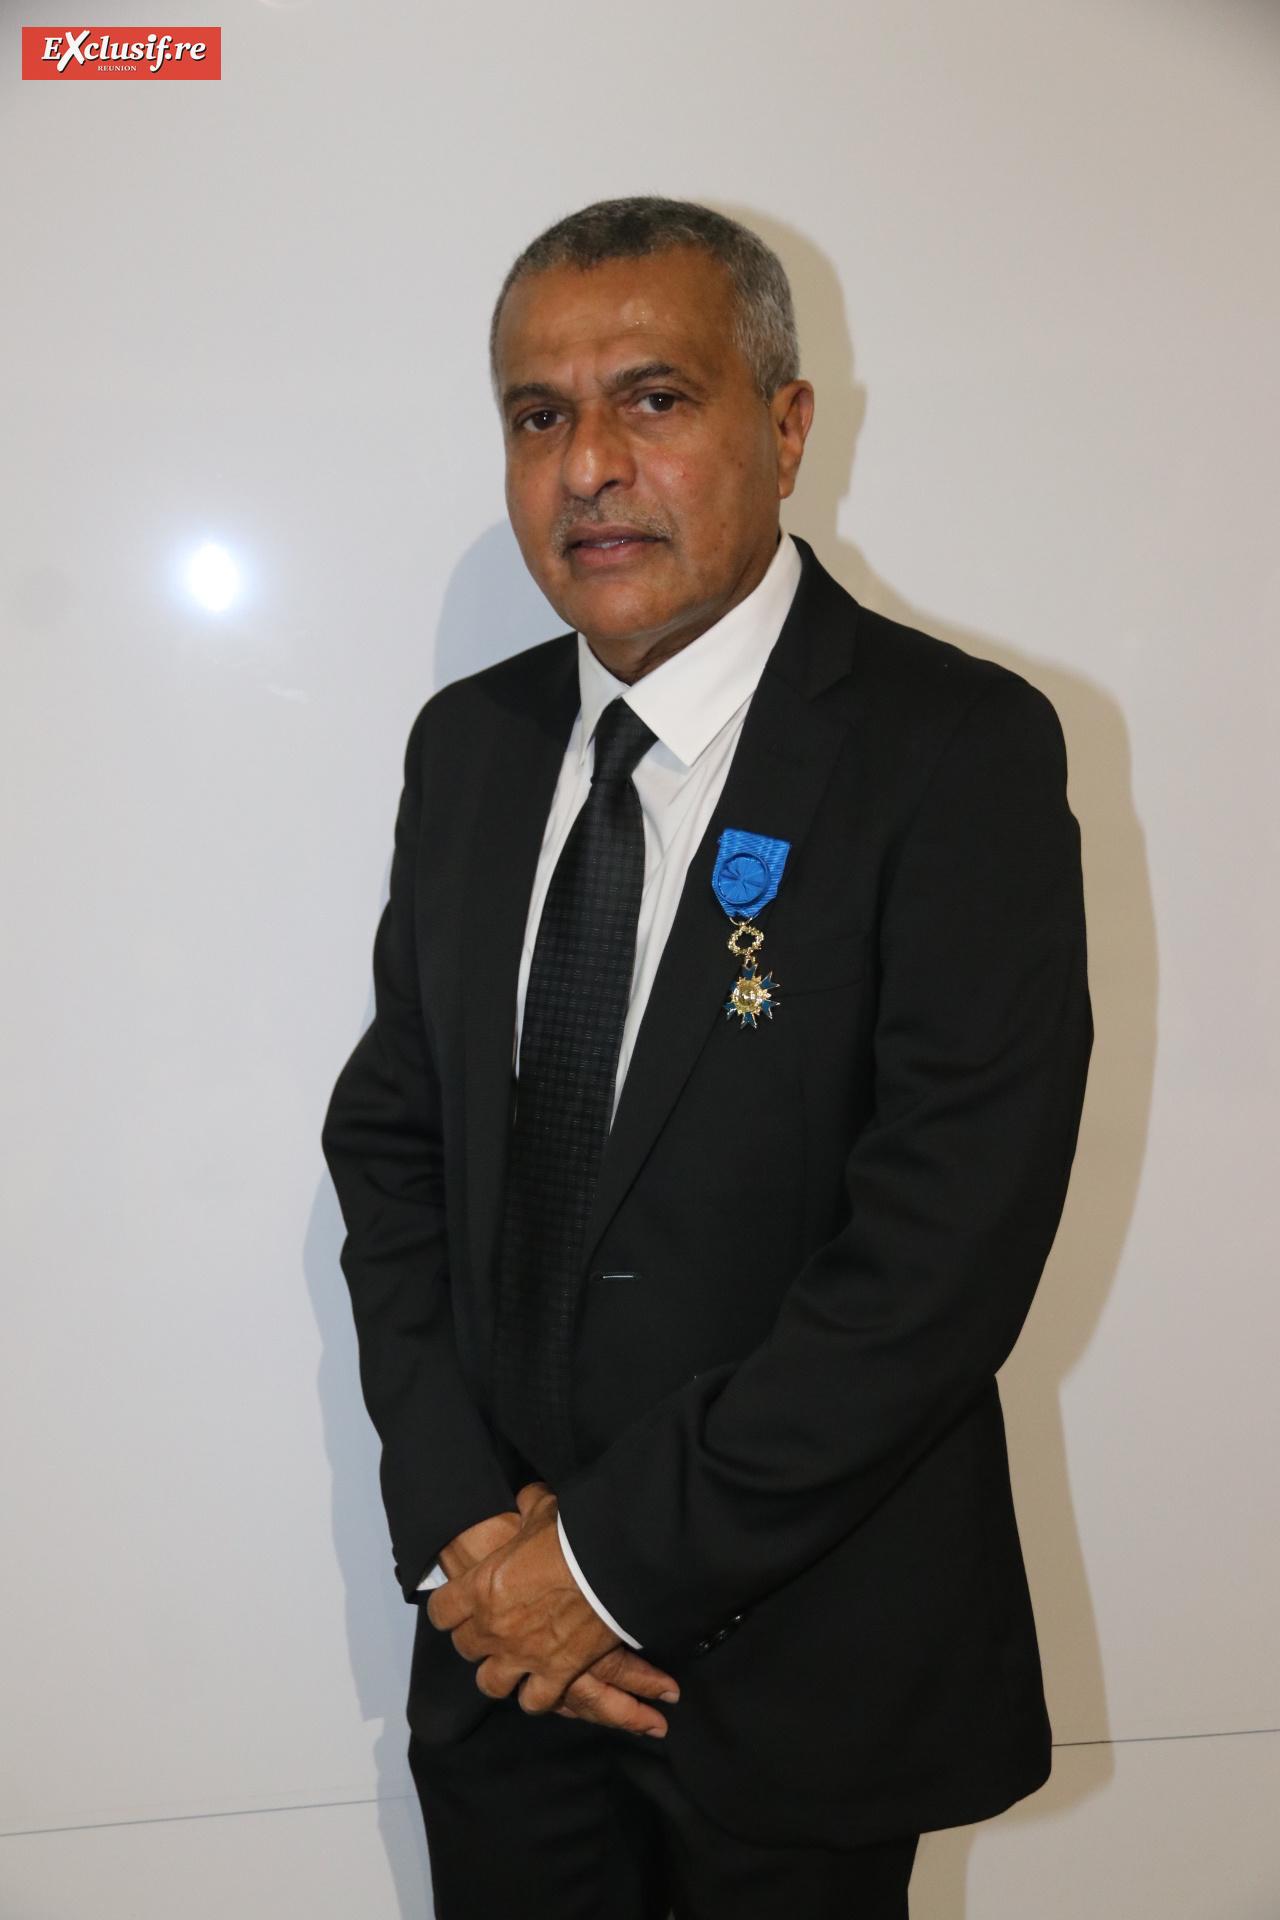 Younous Ravate, chef d'entreprise et consul honoraire de l'île Maurice, officier de l'Ordre National du Mérite